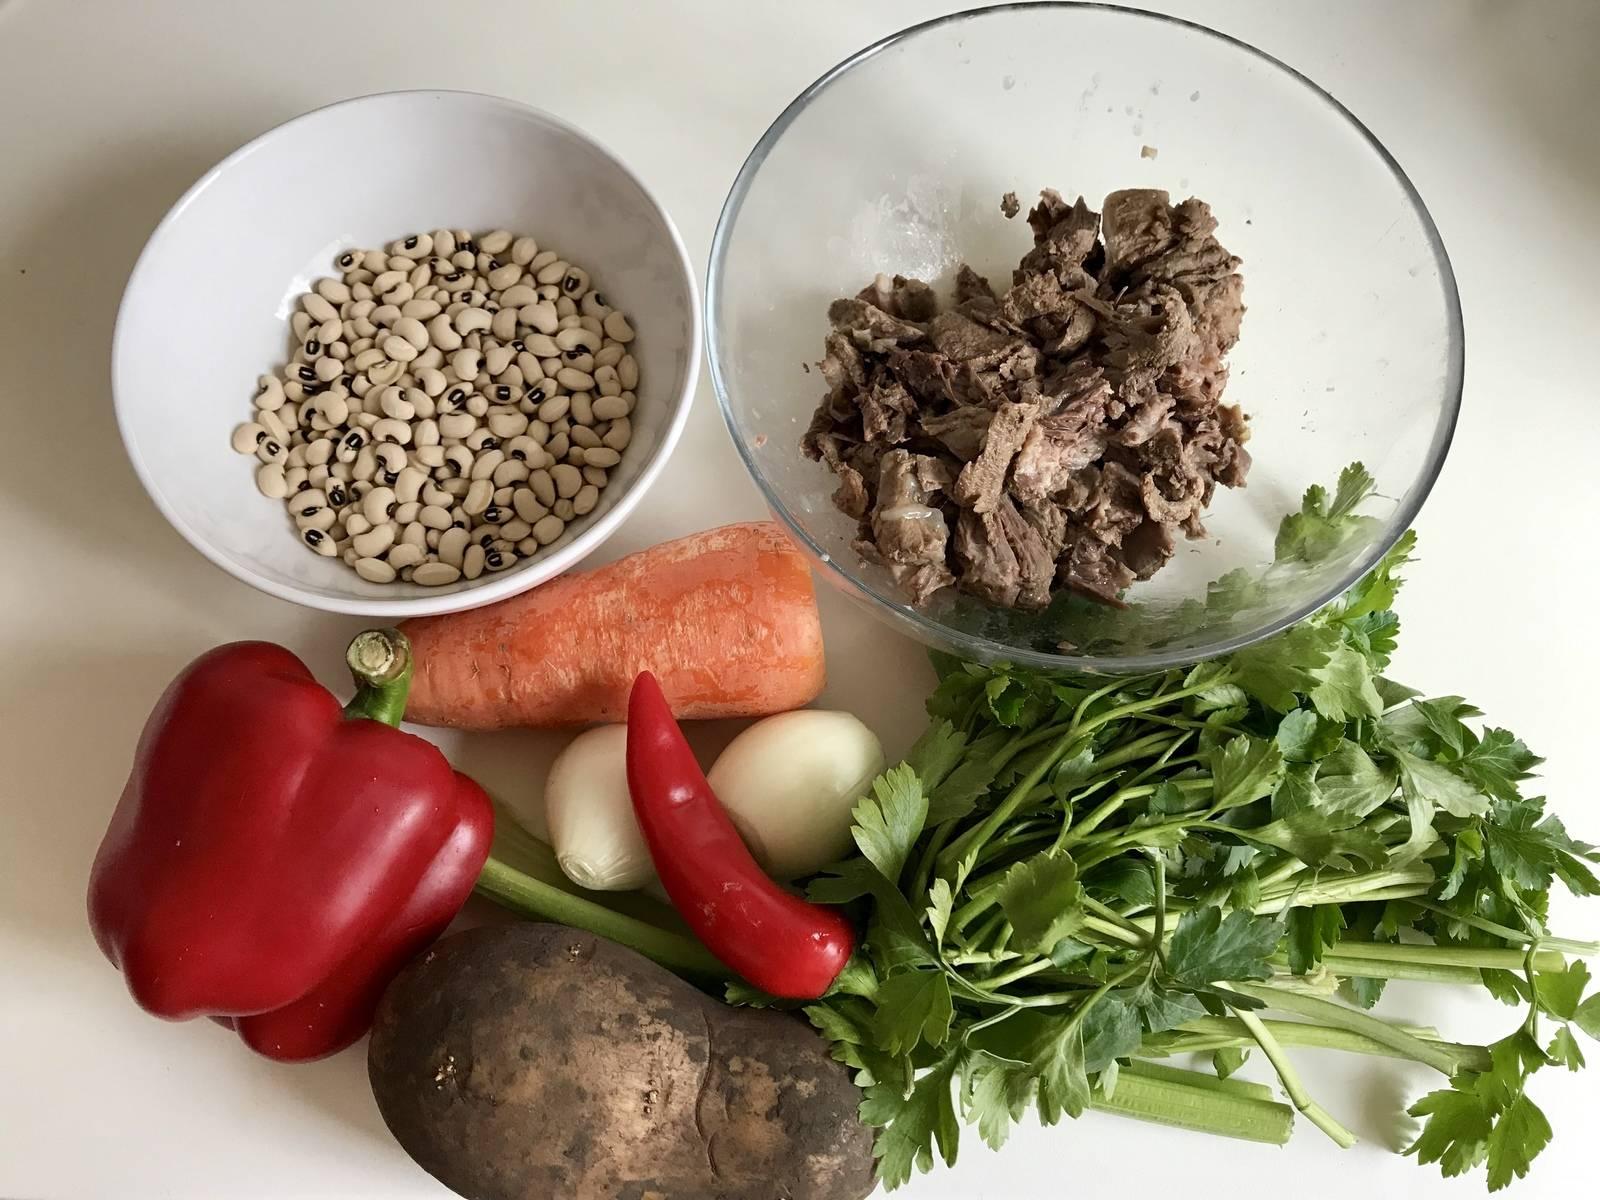 Соусы из анчоусов: пошаговые рецепты с фото для легкого приготовления